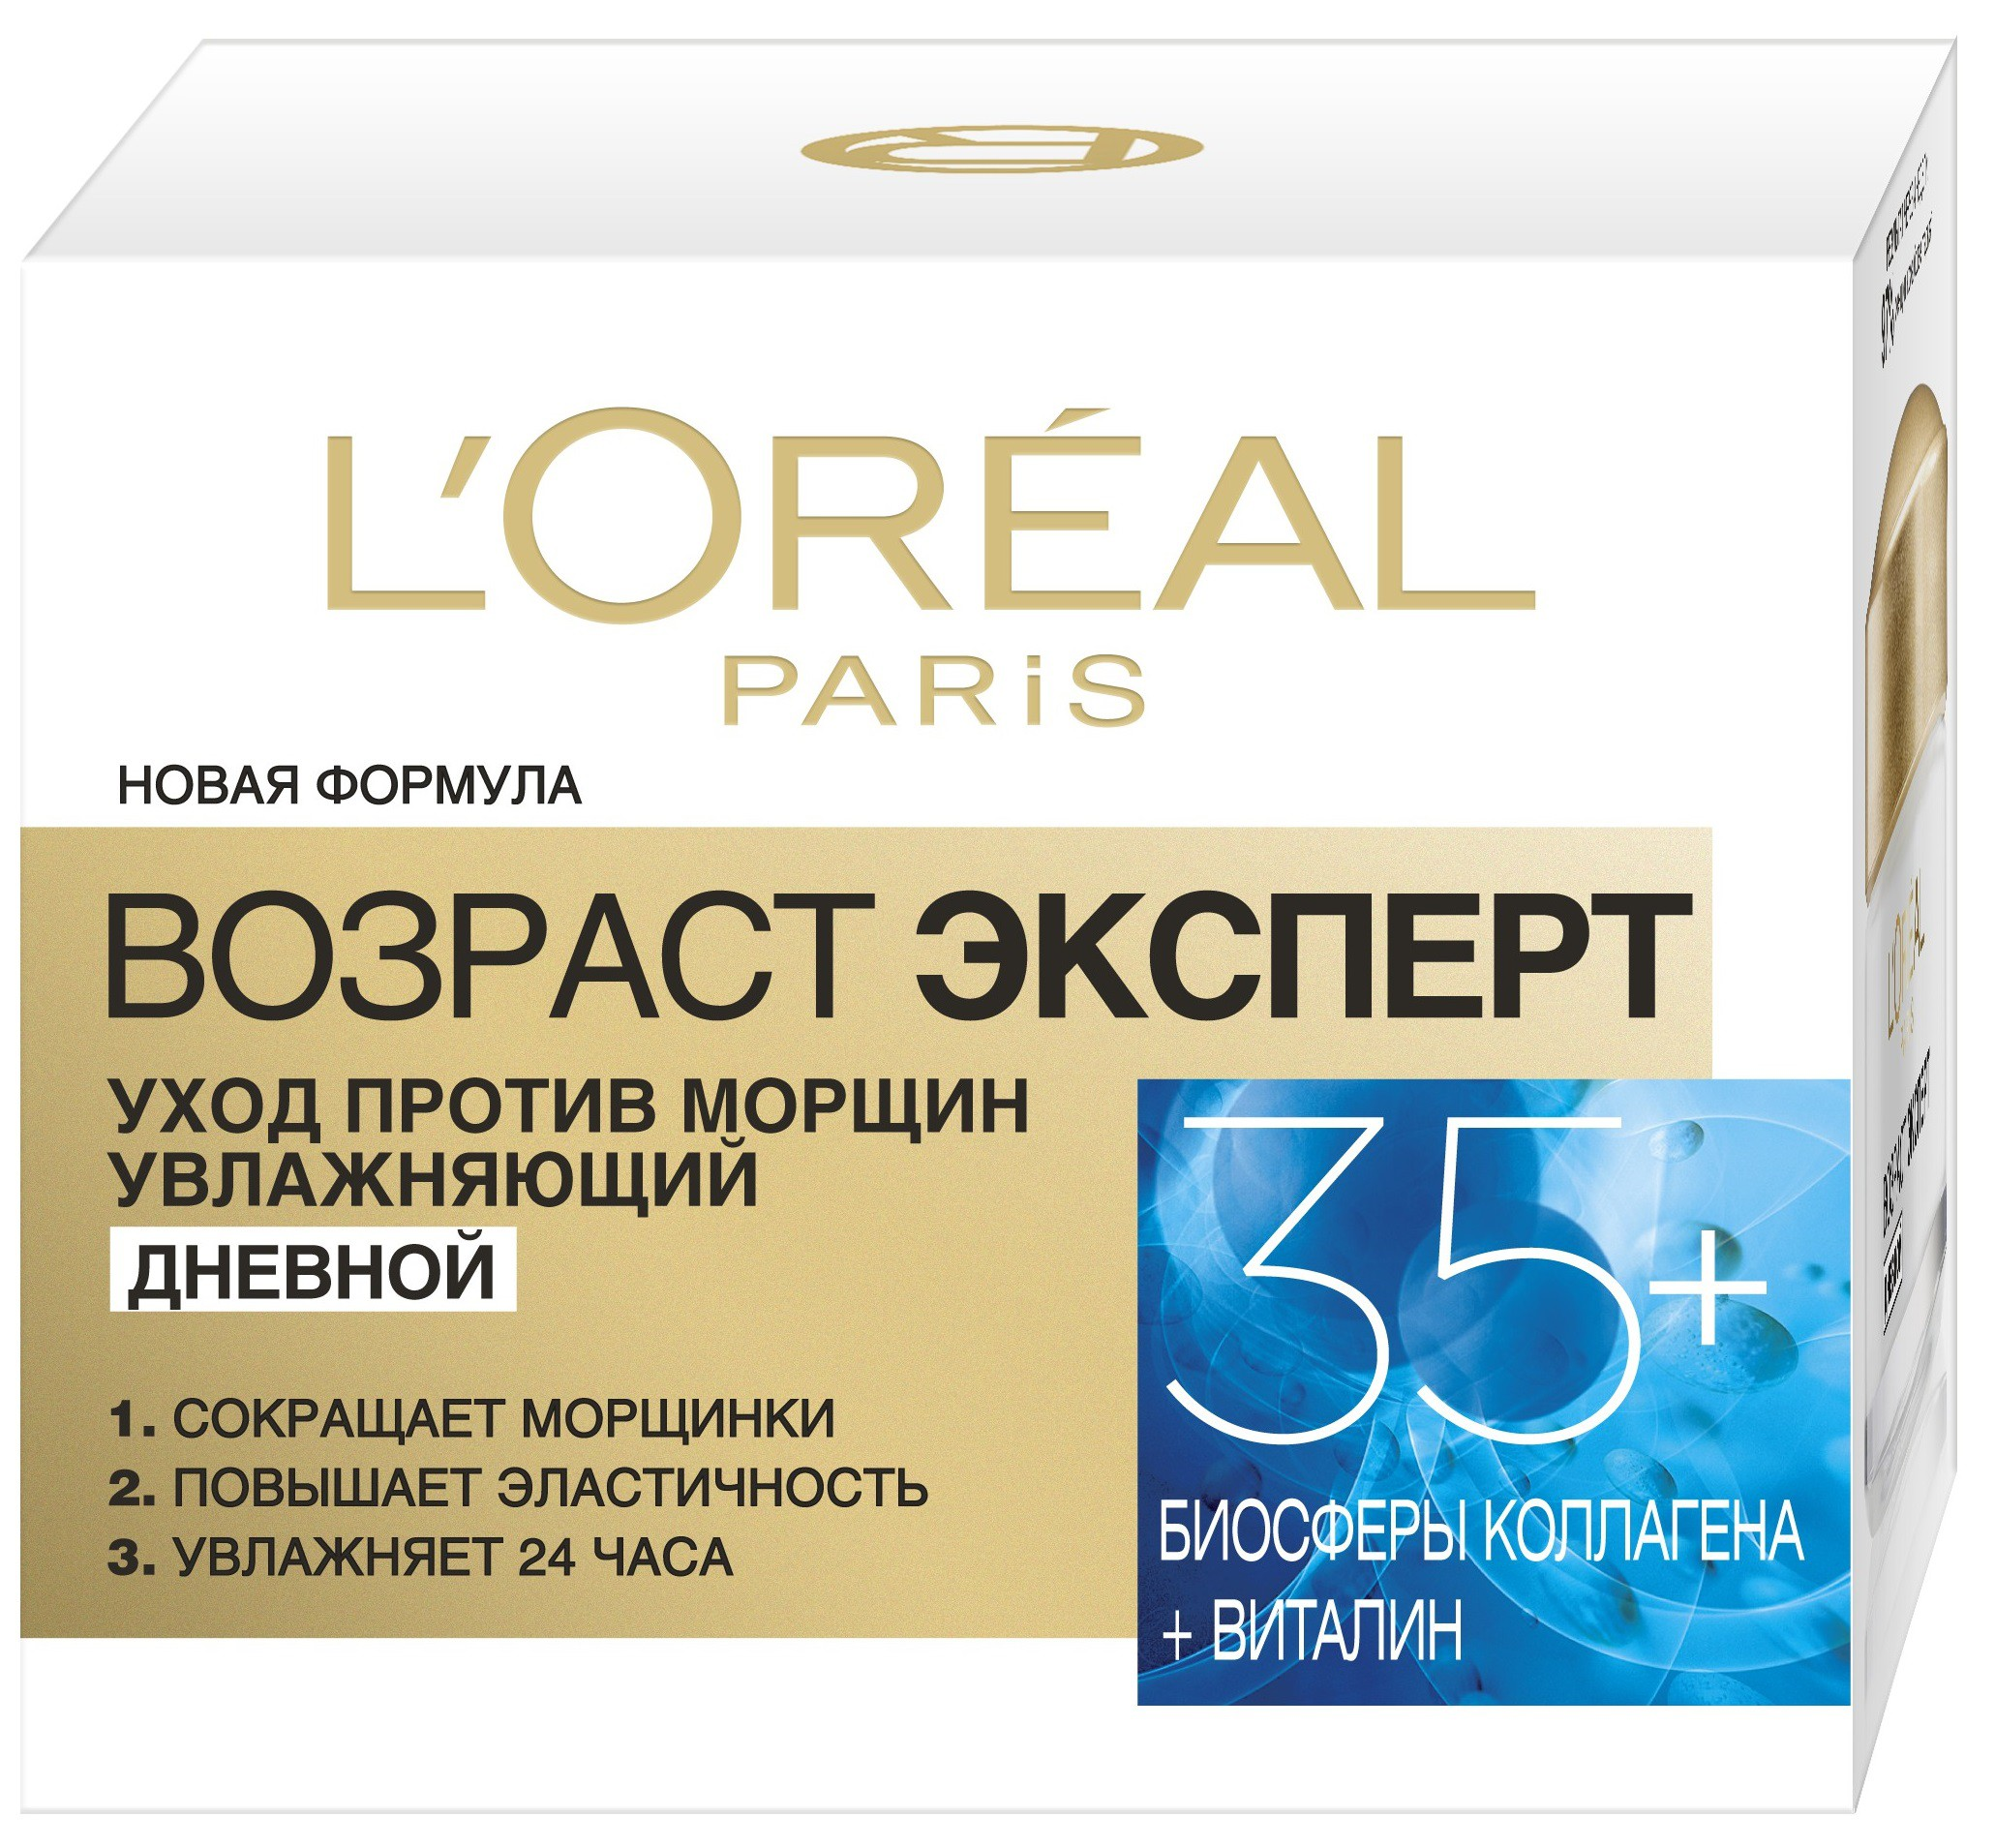 L'Oreal Paris Дневной крем Возраст эксперт 35+ увлажняющий, против морщин, 50 мл кремы l oreal paris дневной крем возраст эксперт 55 против морщин легкая текстура восстанавливающий 50 мл